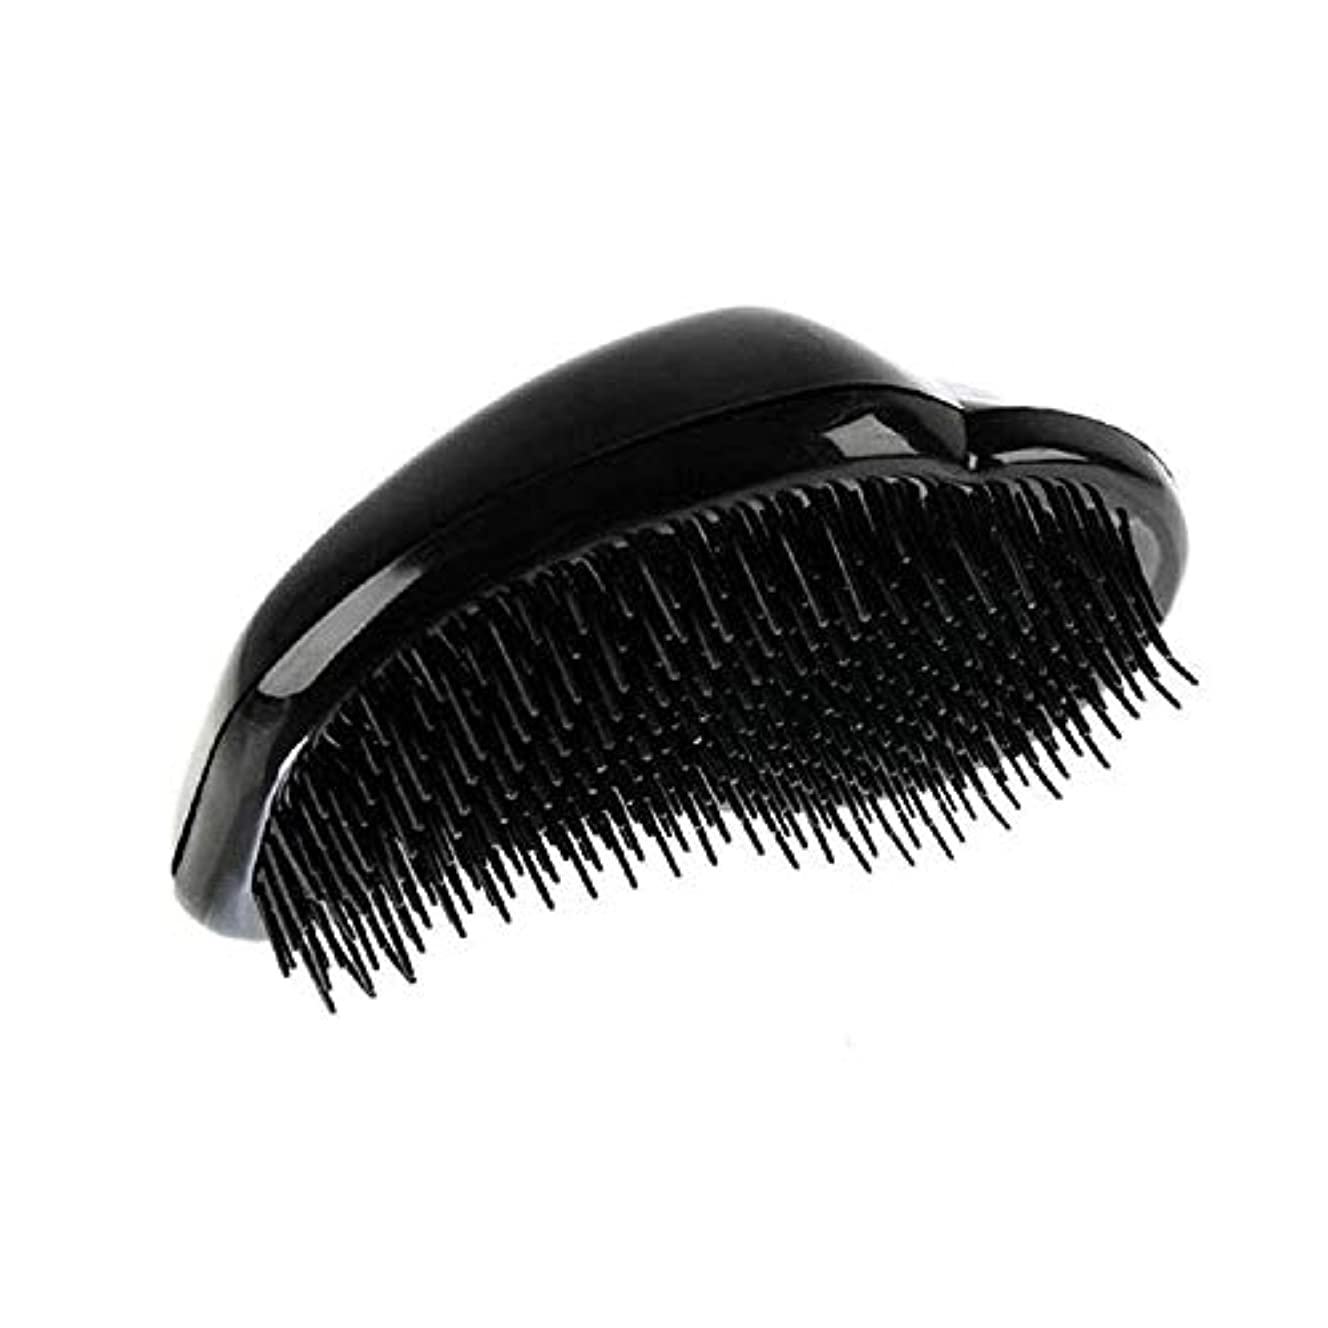 成り立つ櫛トレイル1st market 黒のプラスチック製の髪の櫛理髪の櫛の女性のエアバッグの櫛のマッサージの櫛のヘアブラシ帯電防止デタングルの櫛パーフェクト軽量ポケットサイズ1ピース耐久性と便利